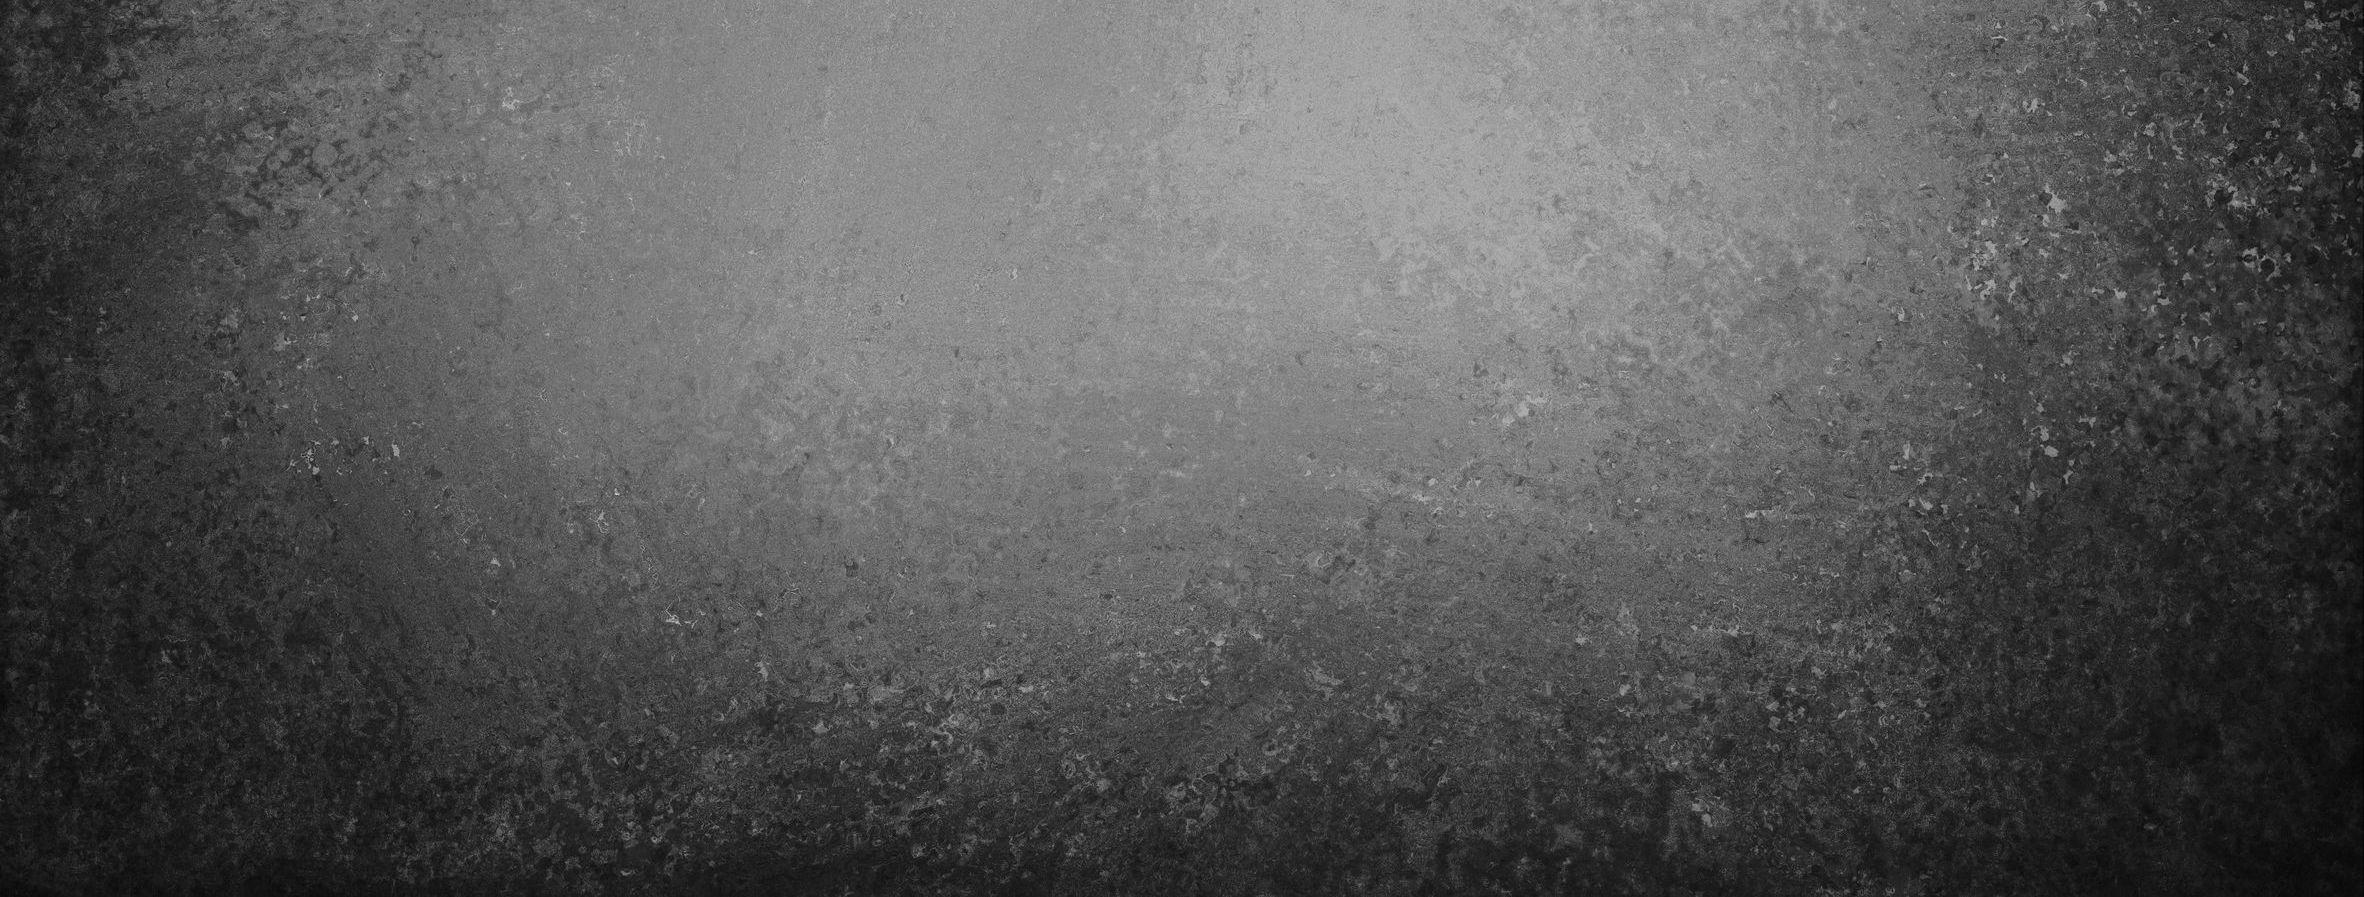 Hintergrund Schiefer schwarz beleuchtet